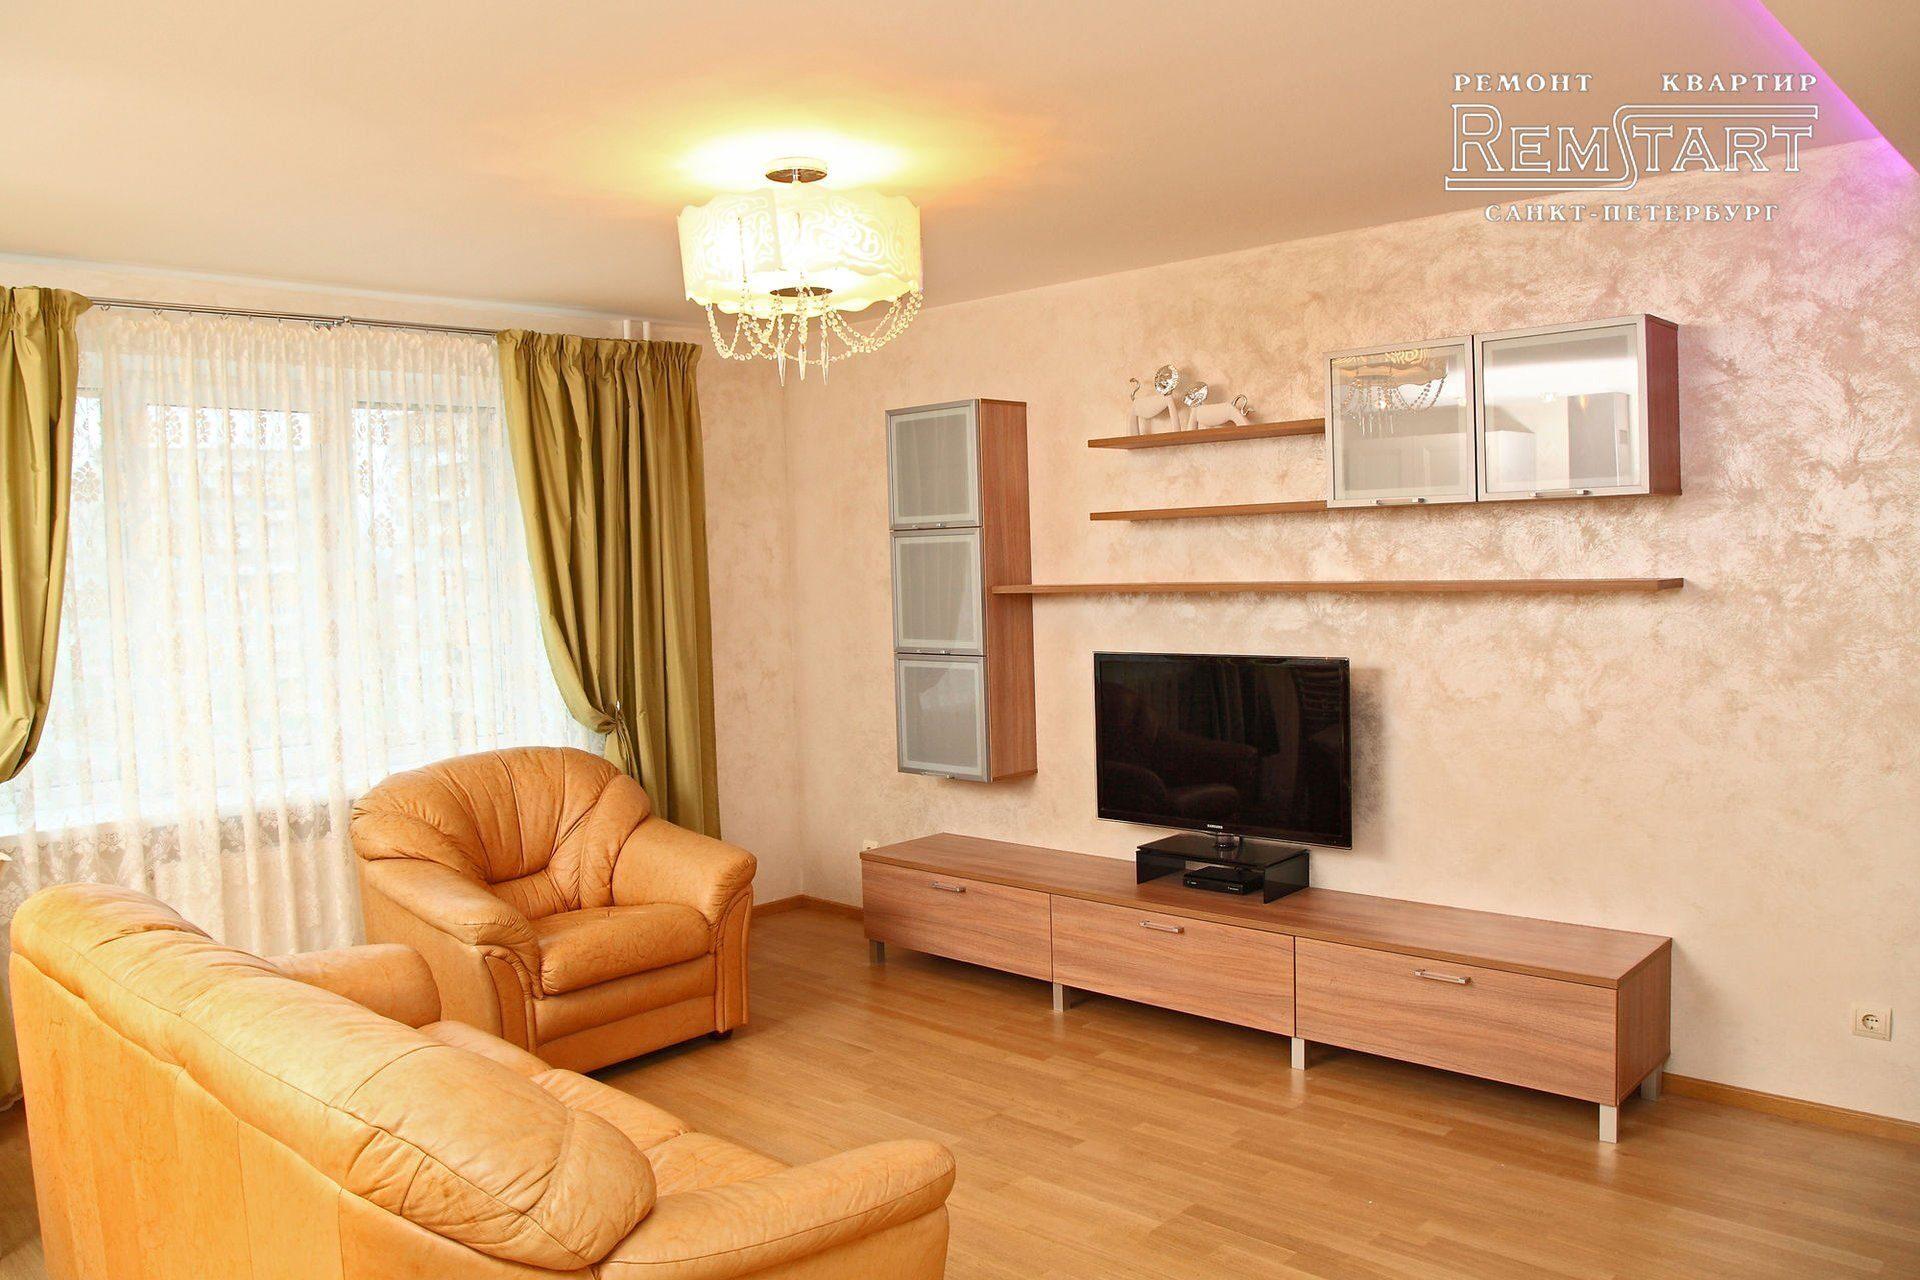 Ремонт квартиры в хрущевке Санкт-Петербург